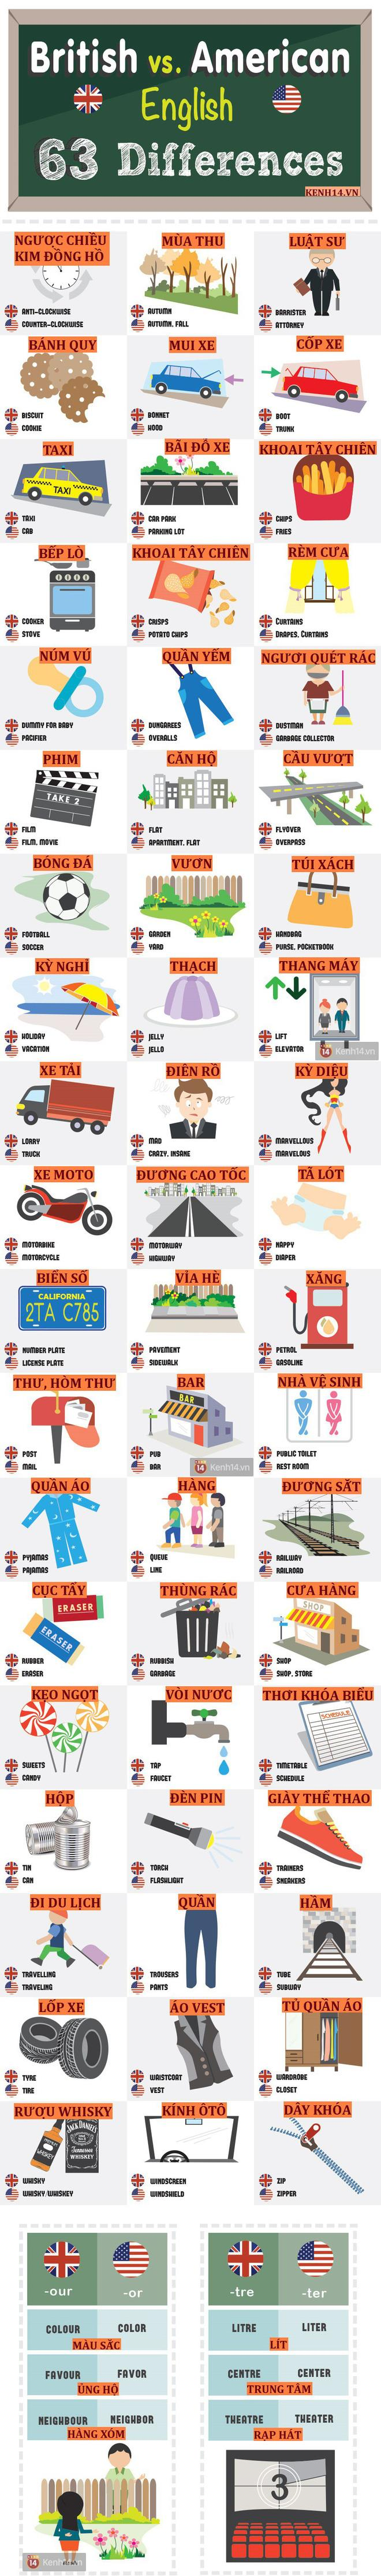 Dưới đây là bảng tổng kết 1 số từ khác nhau trong tiếng Anh-Anh và Anh-Mỹ thông dụng nhất mà chúng ta hay gặp phải trong giao tiếp hàng ngày.